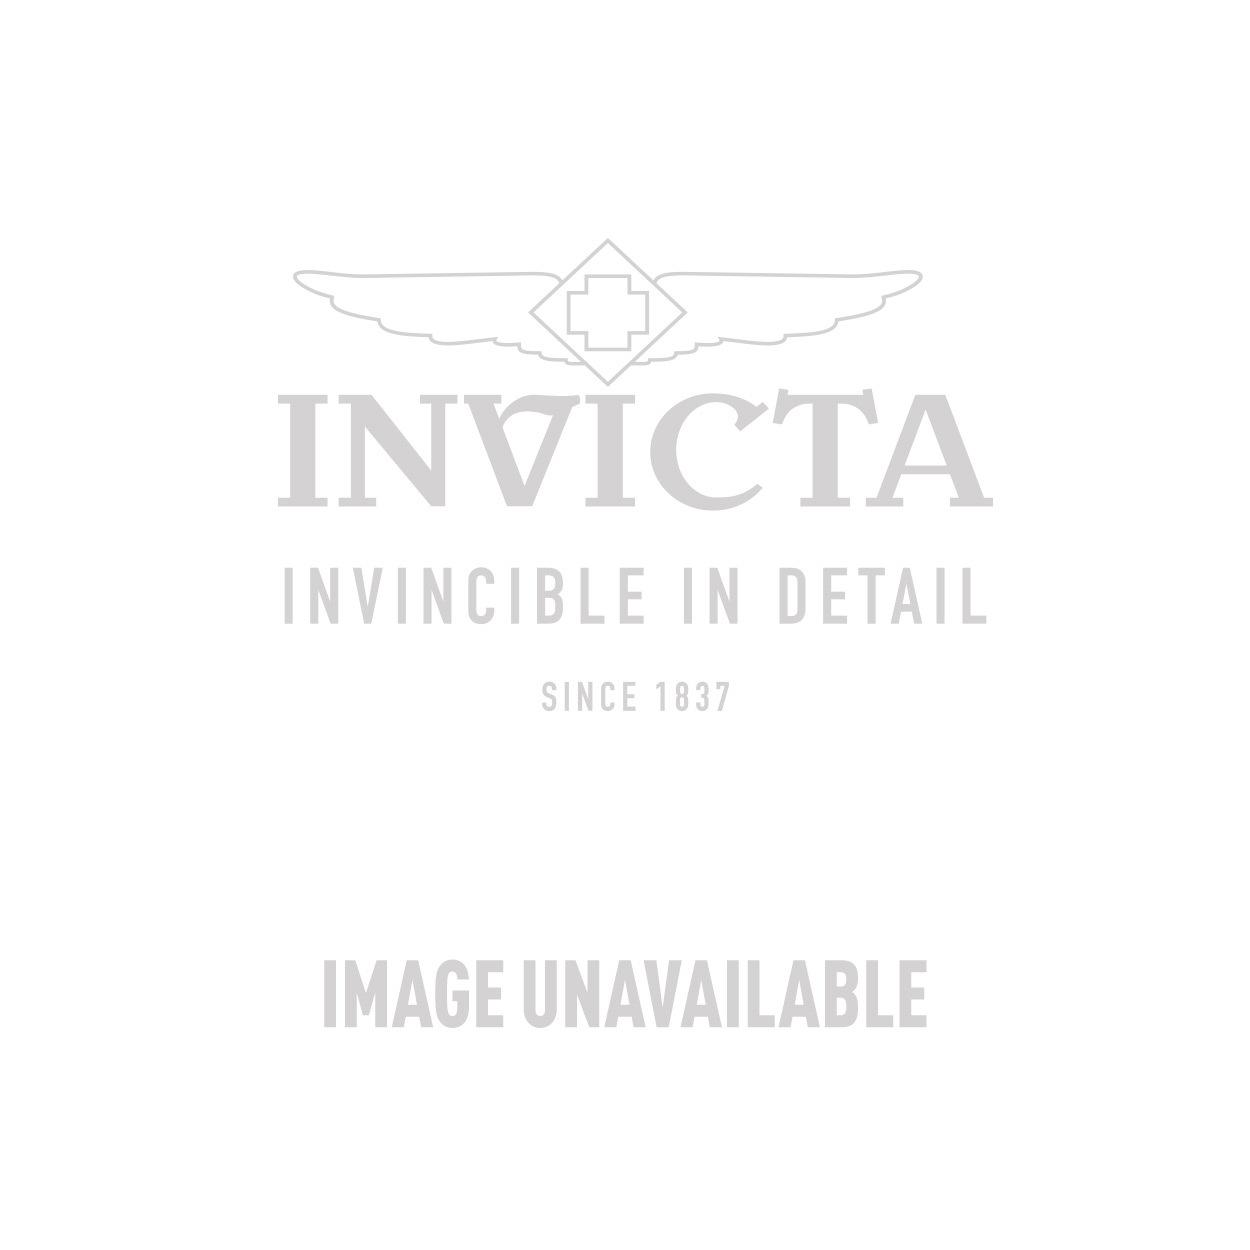 Invicta Model 28032